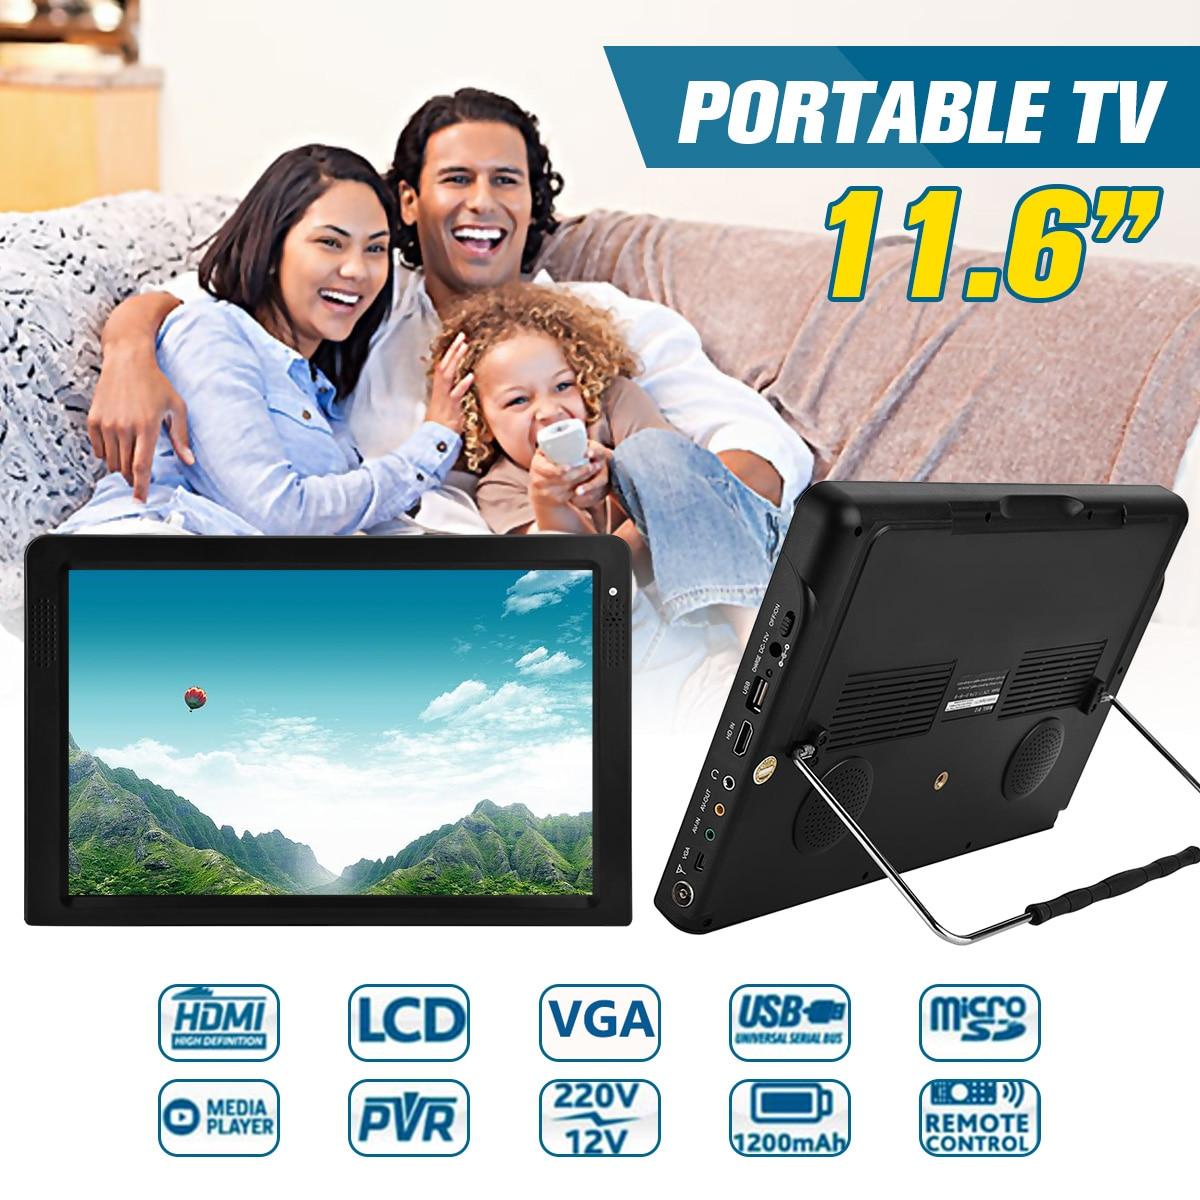 Lecteur de télévision Portable 11.6 pouces TFT HDMI VGA ATSC. M/H numérique analogique AC/DC 12 V DOLBY voiture/maison/hôtel LED TV